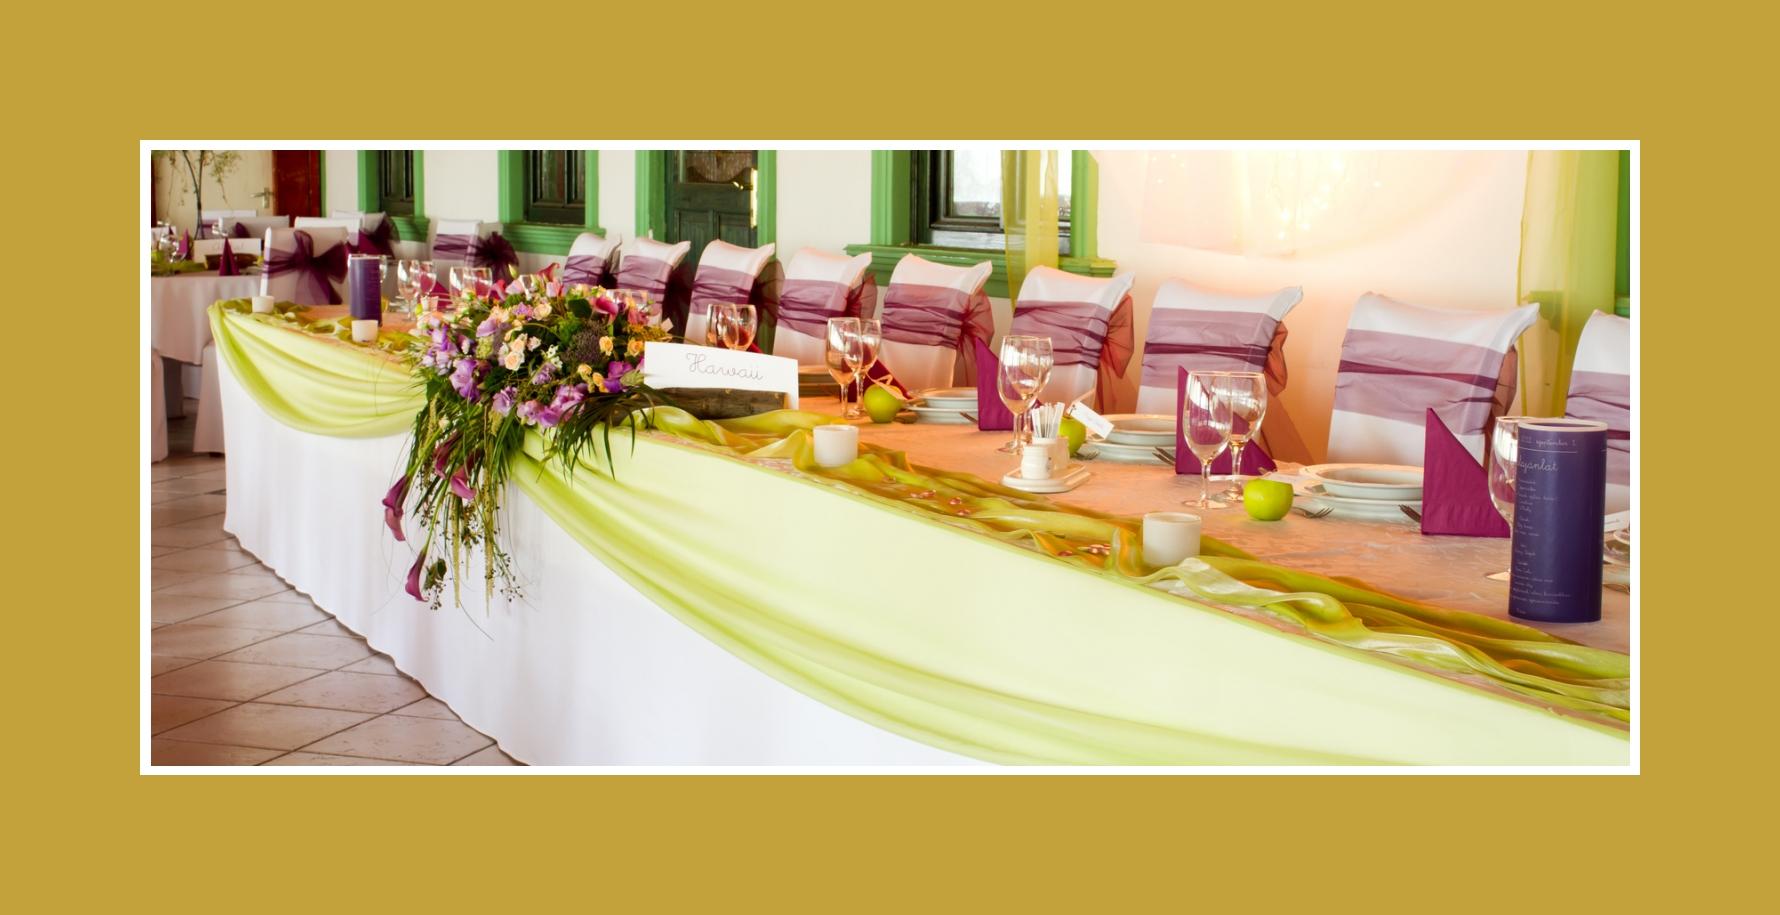 Hochzeit in Bordeaux-Apfelgrün